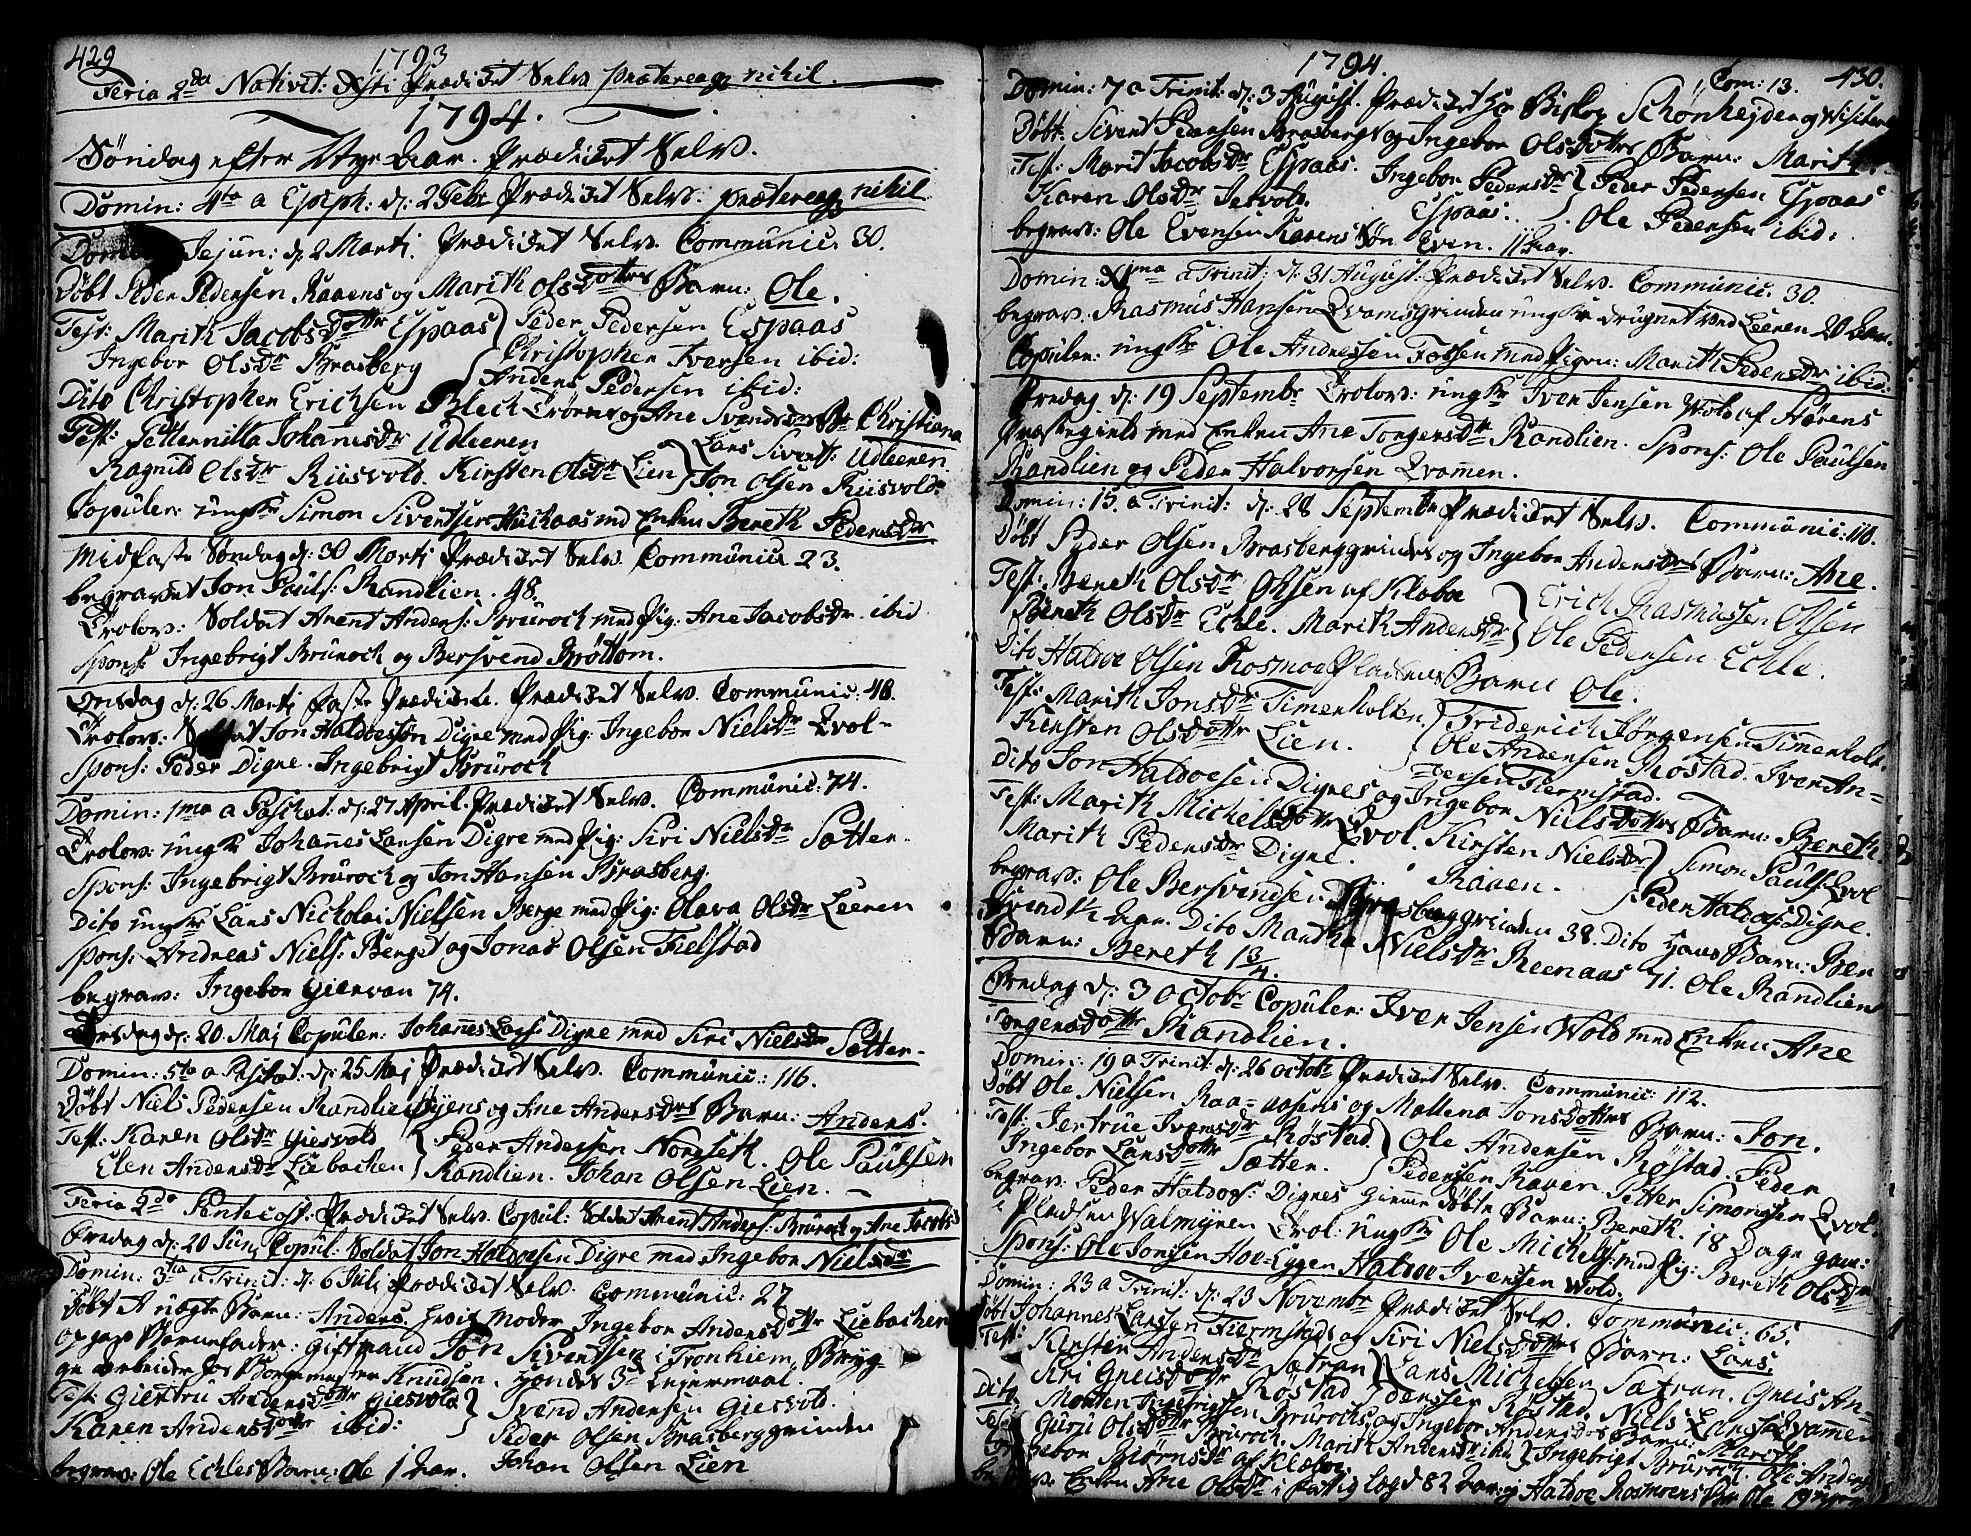 SAT, Ministerialprotokoller, klokkerbøker og fødselsregistre - Sør-Trøndelag, 606/L0282: Ministerialbok nr. 606A02 /3, 1781-1817, s. 429-430